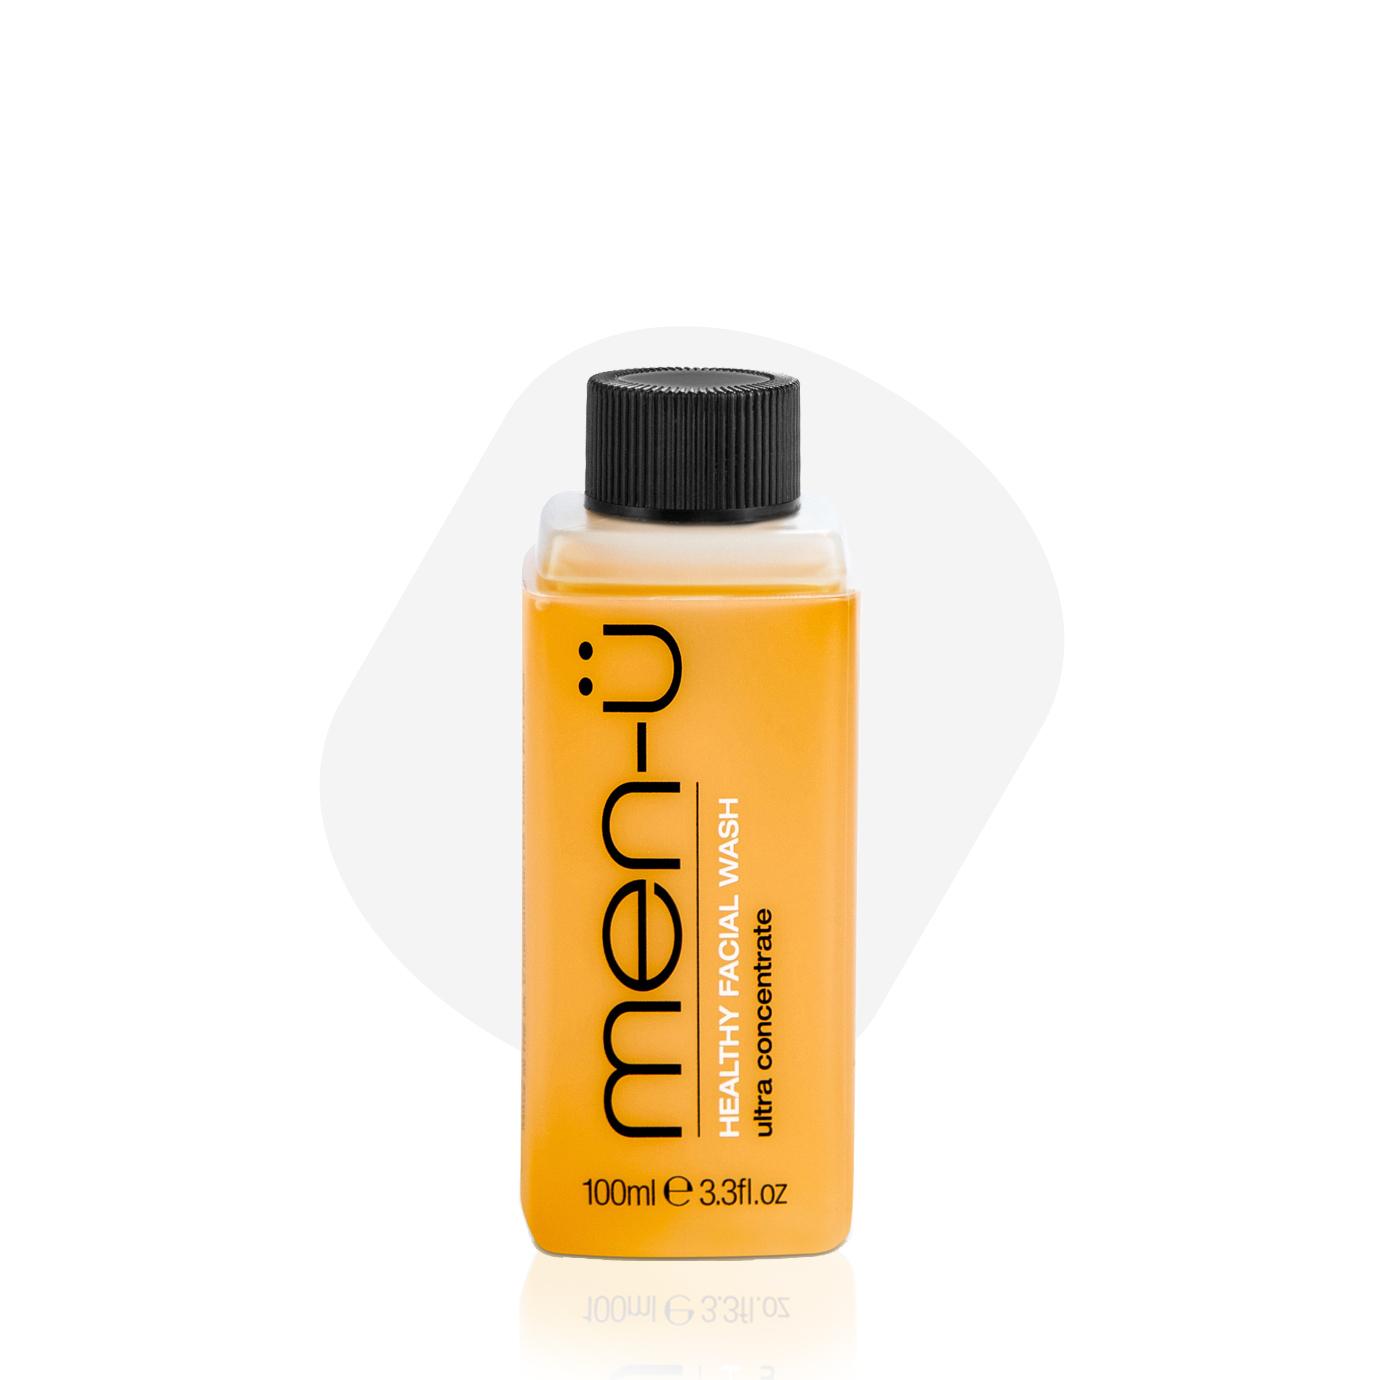 men-u Antybakteryjny żel do mycia twarzy 100 ml (uzupełnienie)